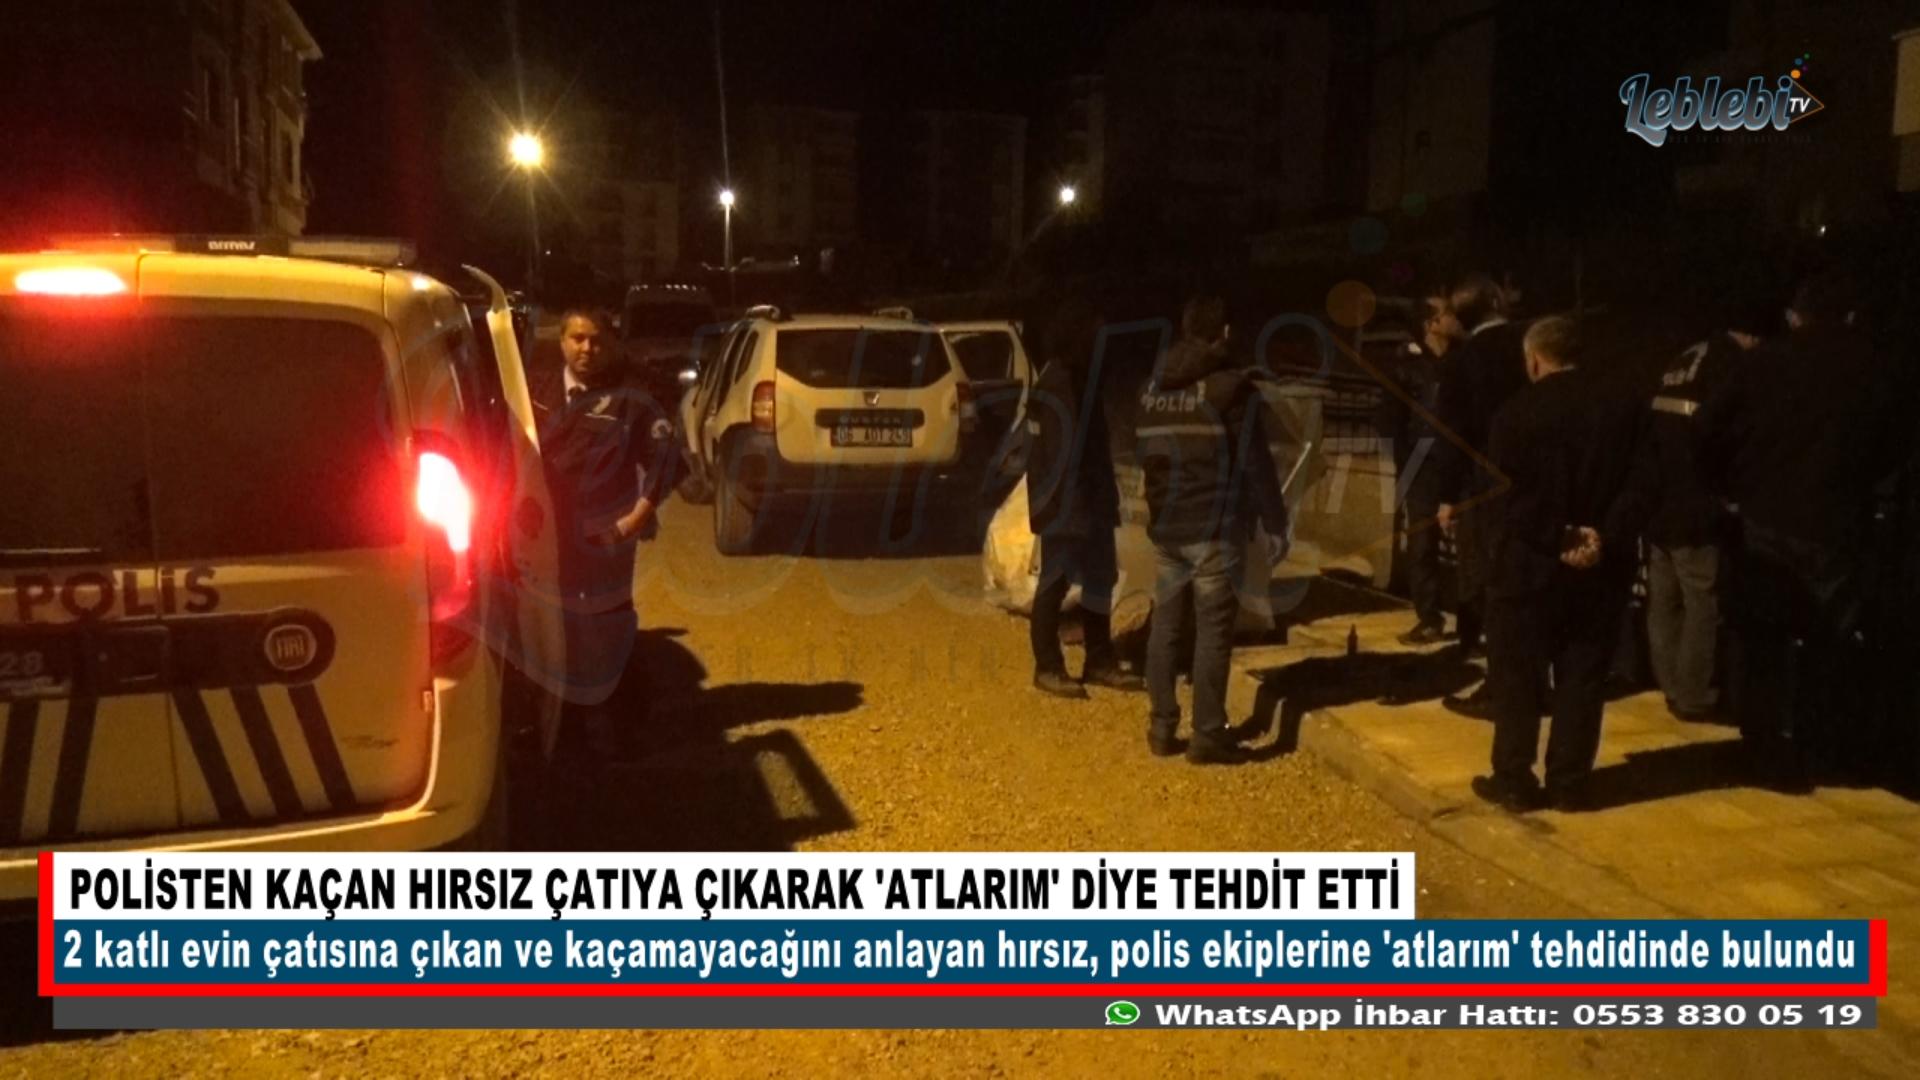 POLİSTEN KAÇAN HIRSIZ ÇATIYA ÇIKARAK 'ATLARIM' DİYE TEHDİT ETTİ